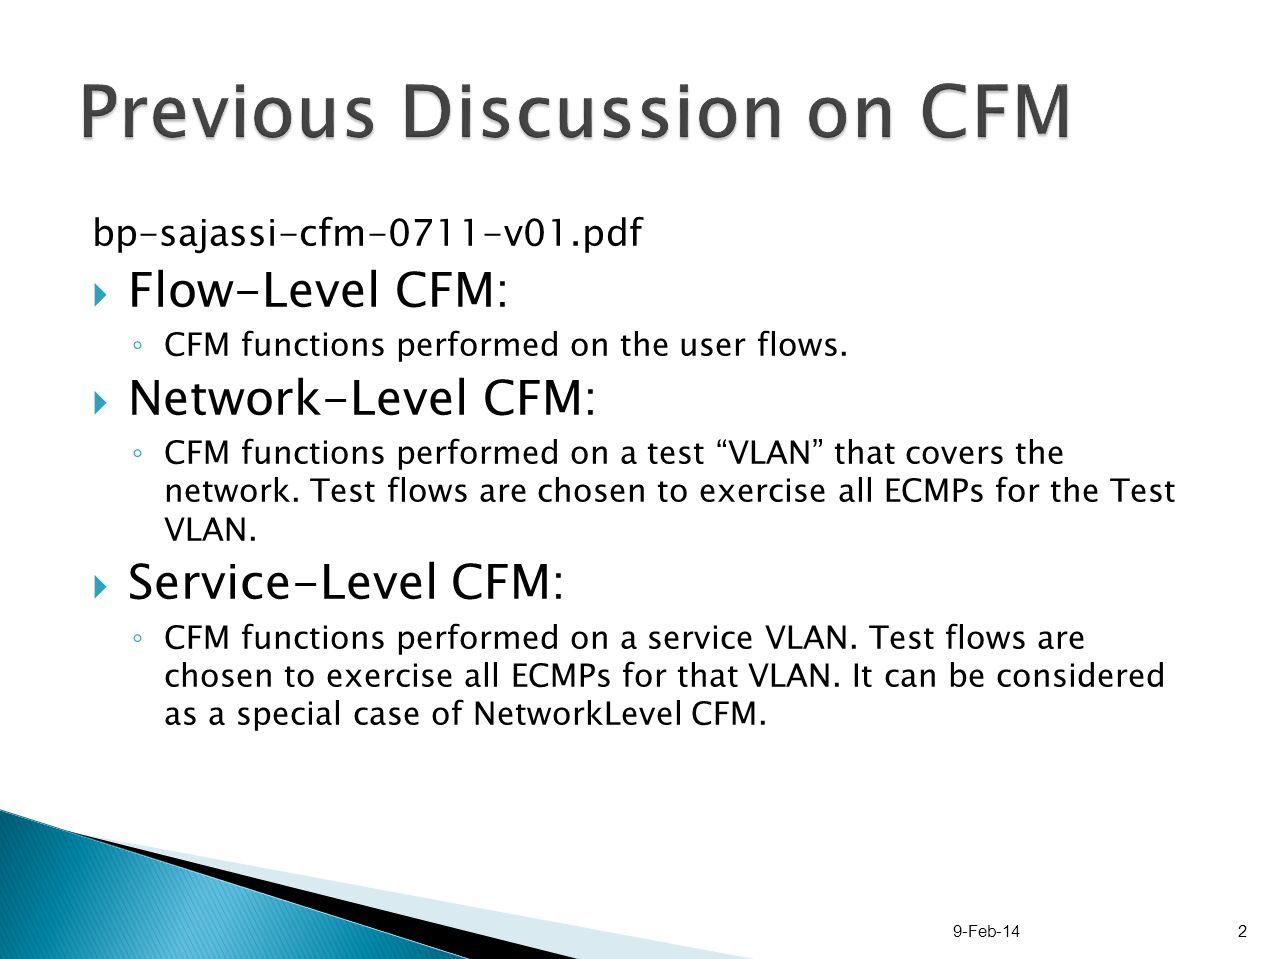 bp-sajassi-cfm-0711-v01.pdf Flow-Level CFM: CFM functions performed on the user flows.